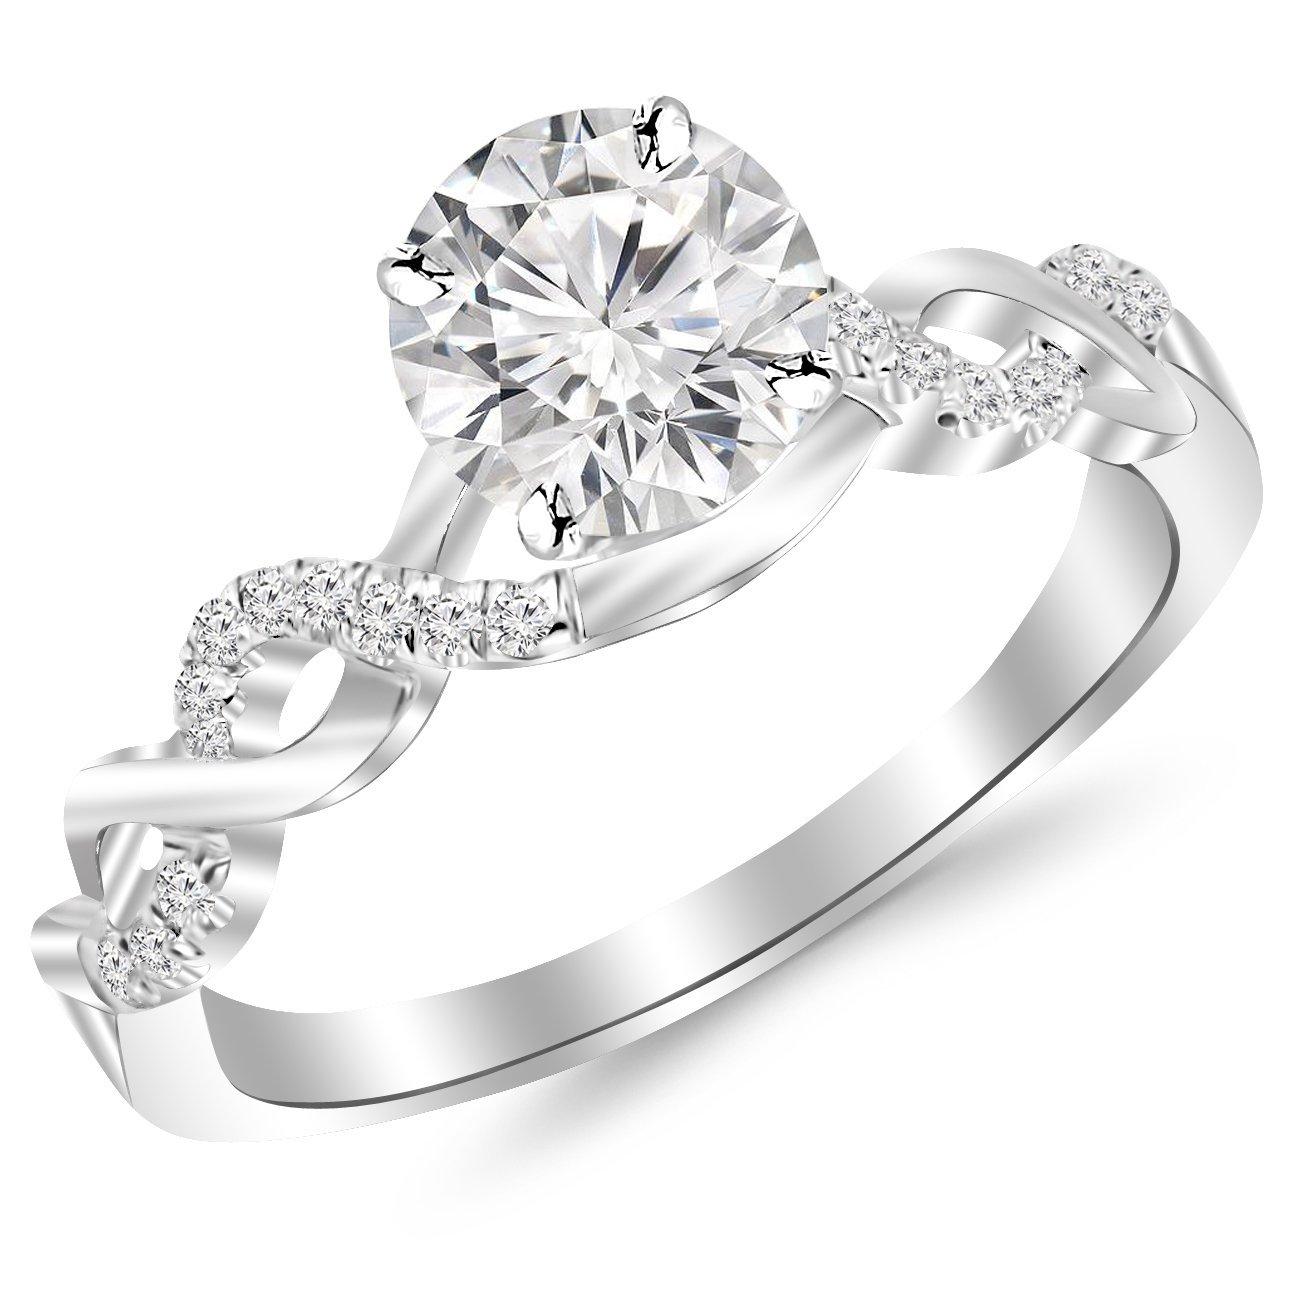 Single Diamond Ring